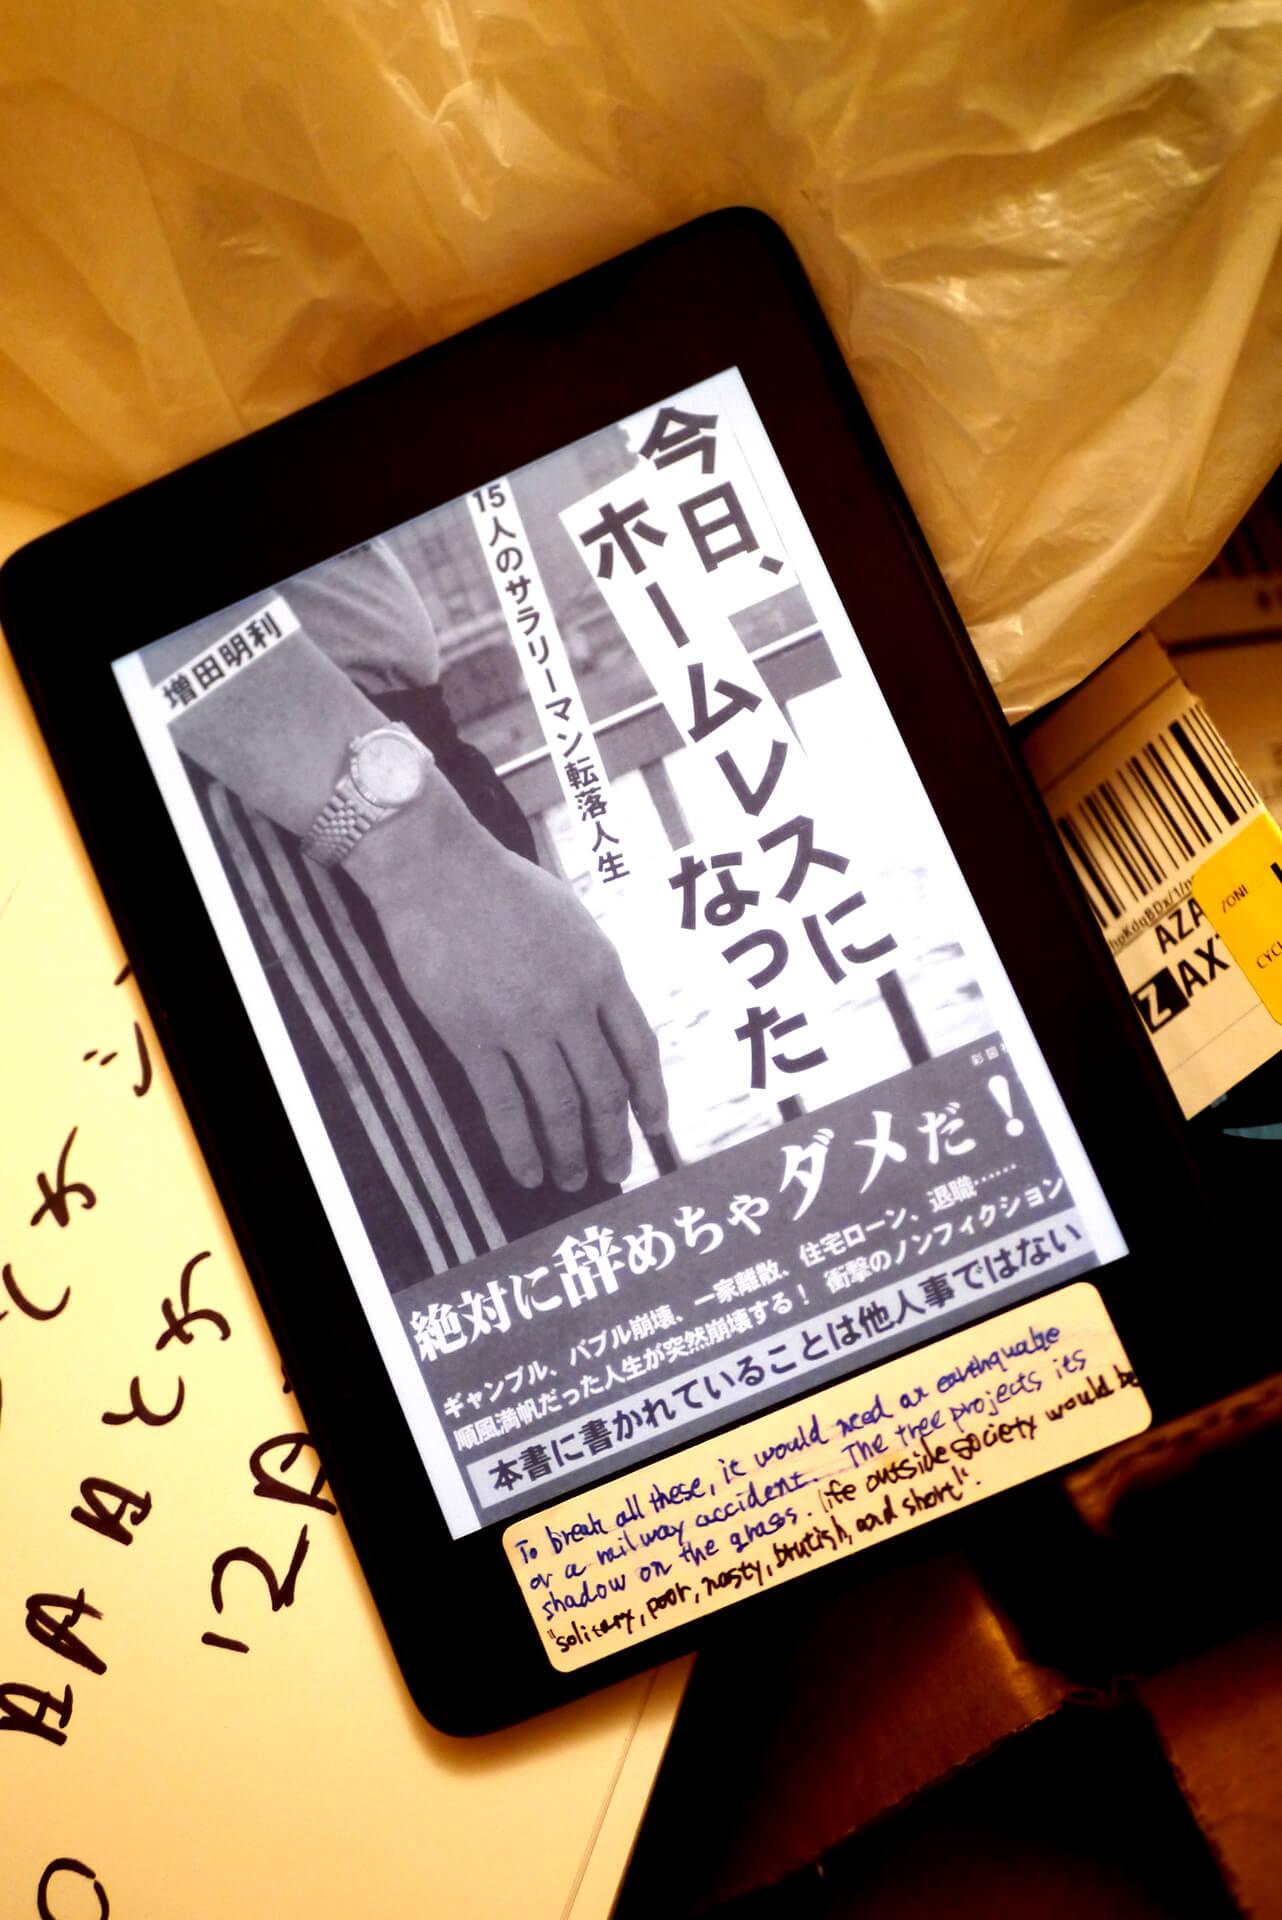 書籍今日、ホームレスになった 15人のサラリーマン転落人生(増田 明利/彩図社)」の表紙画像